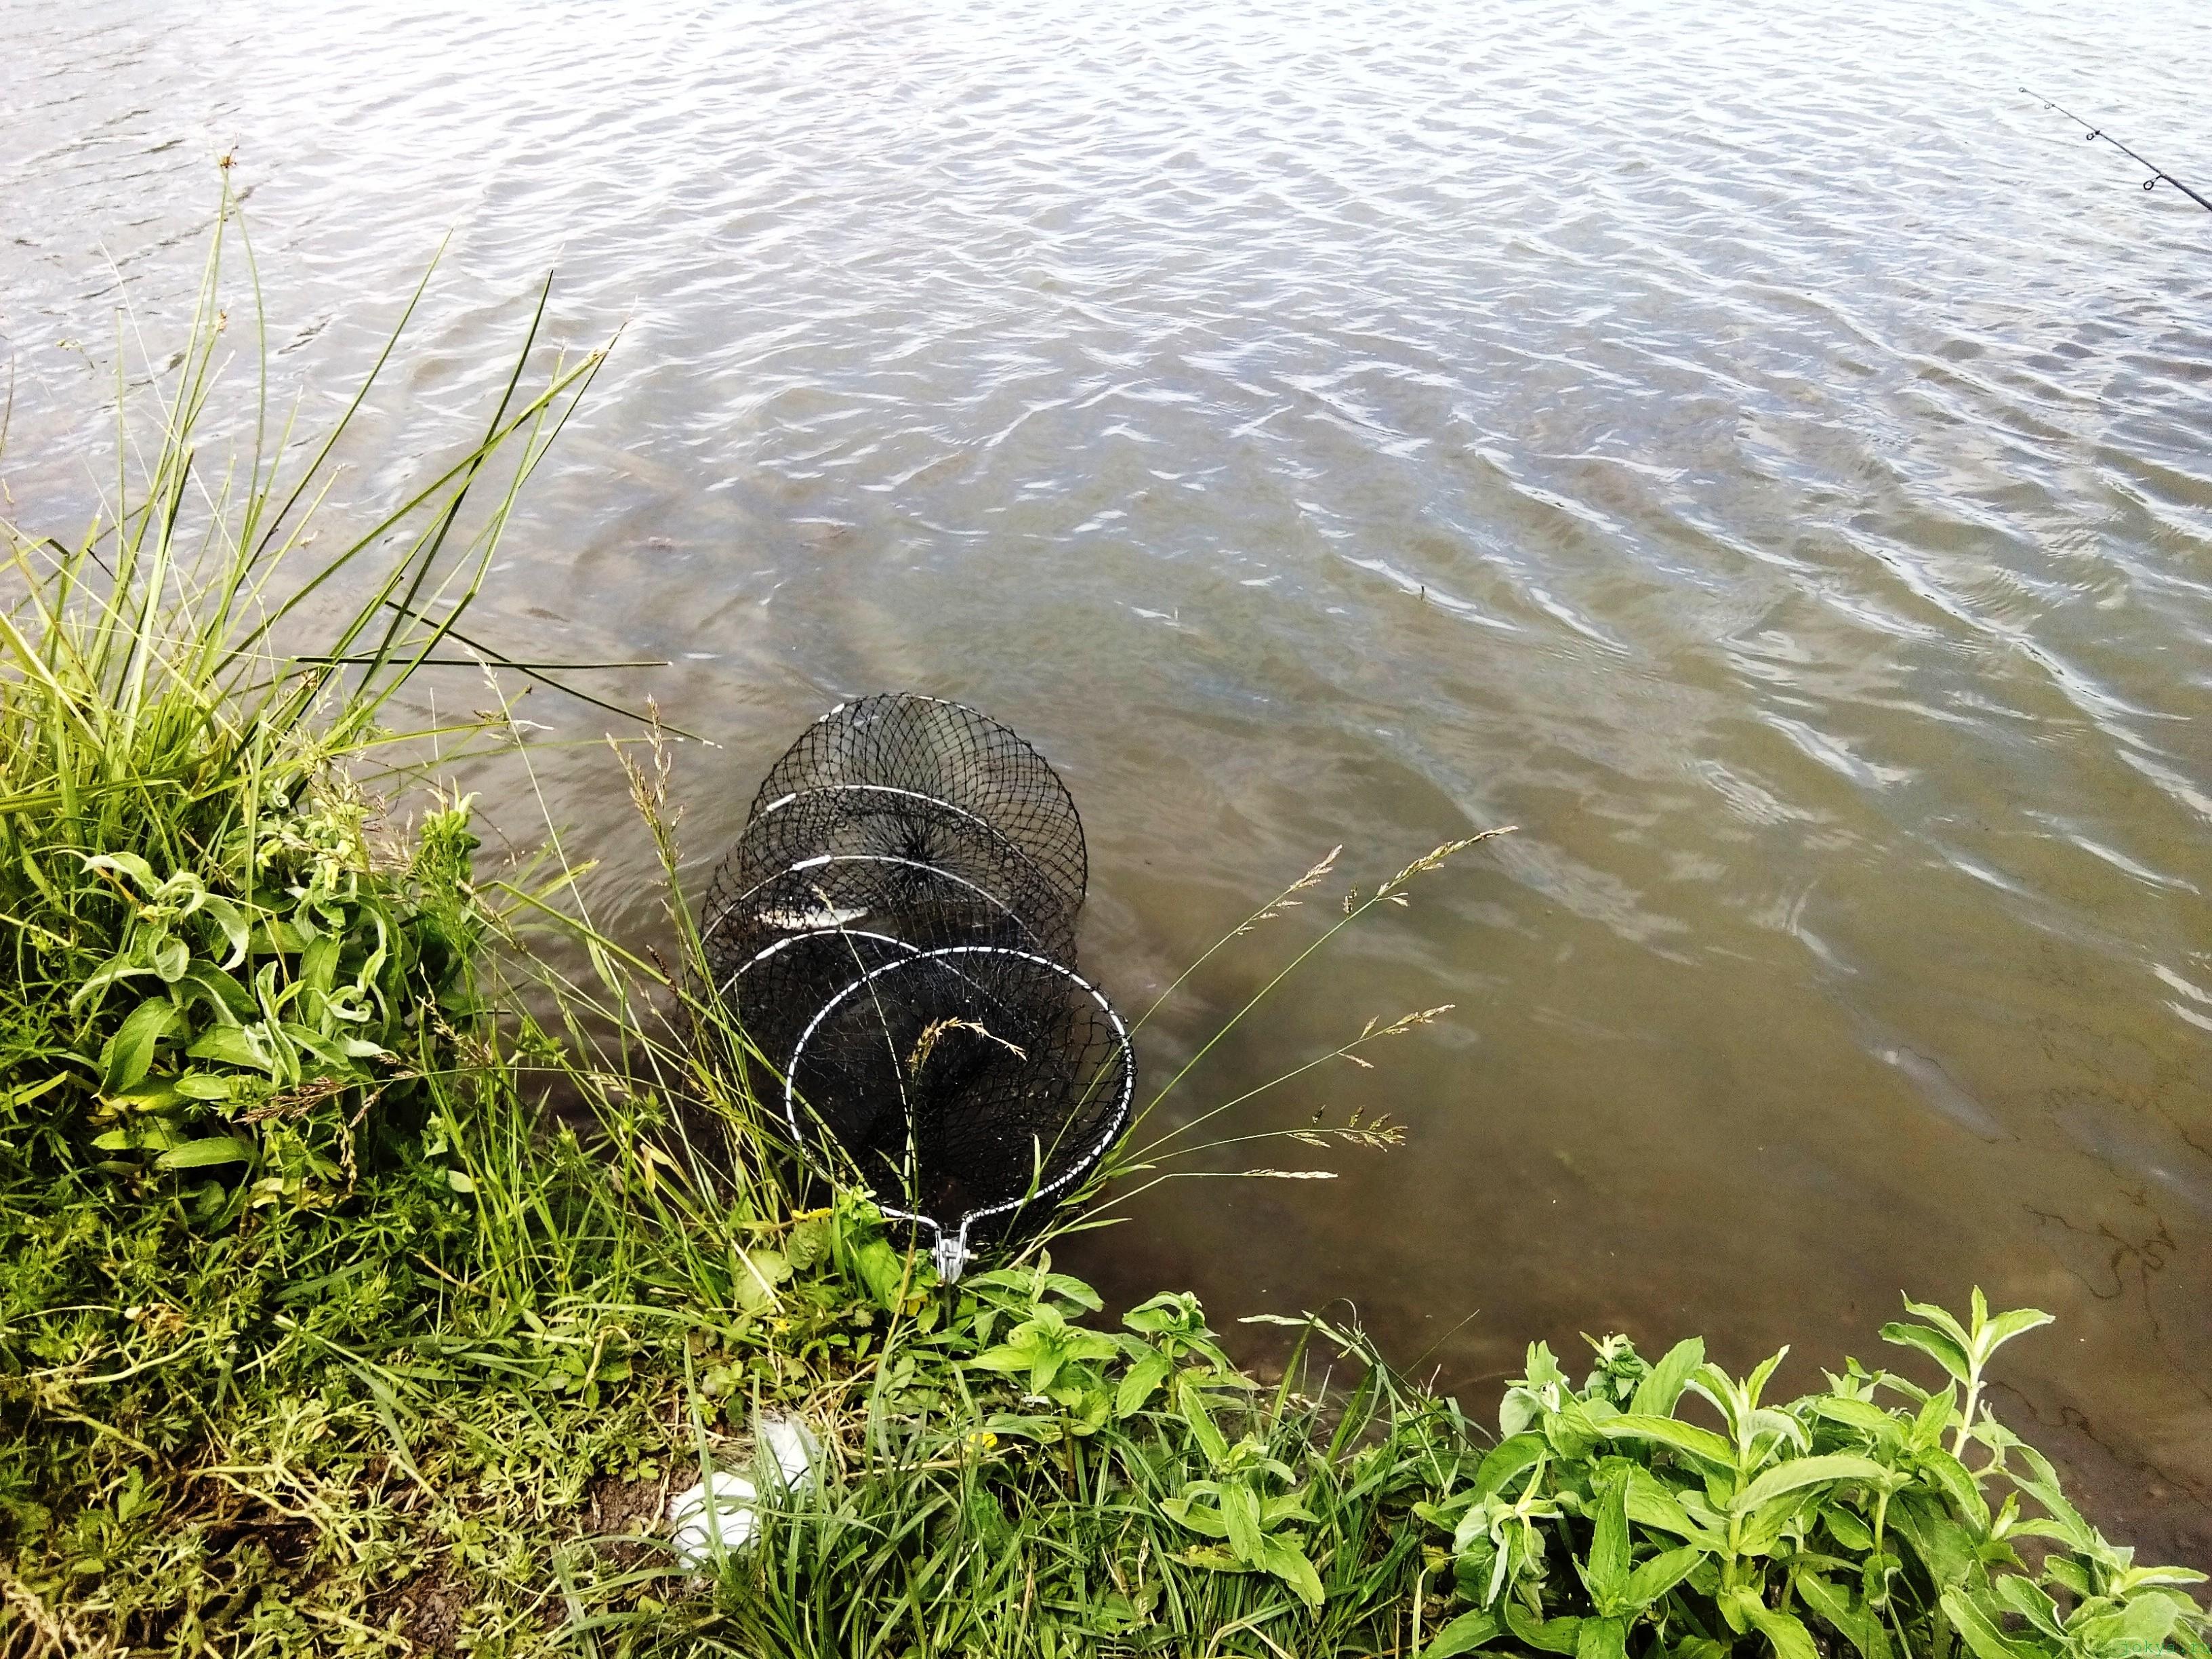 Бурчек: водоемный пруд в кирпичном возле башни фото заметка о Крыме jokya.ru